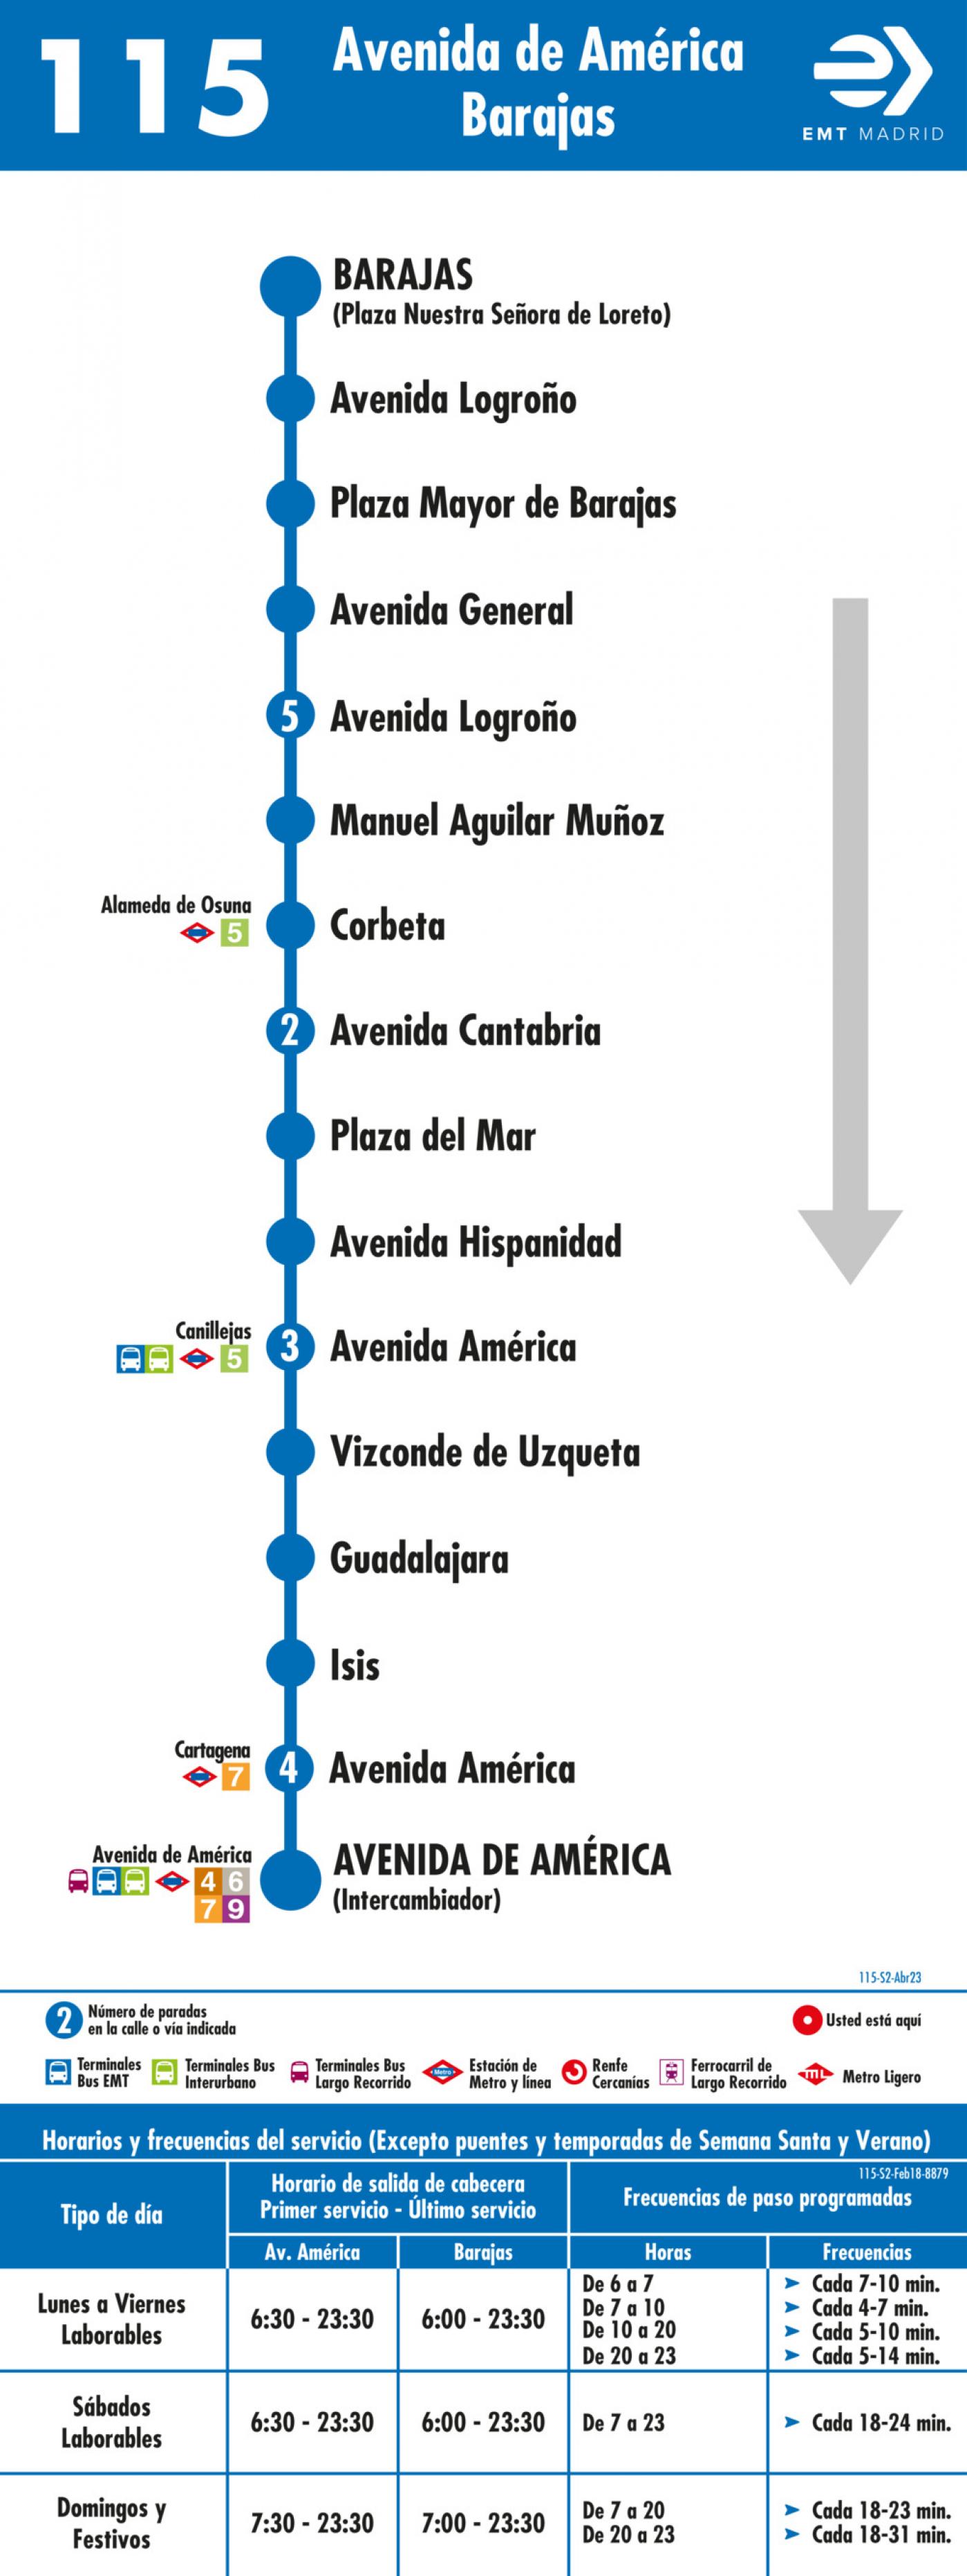 Tabla de horarios y frecuencias de paso en sentido vuelta Línea 115: Avenida de América - Barajas